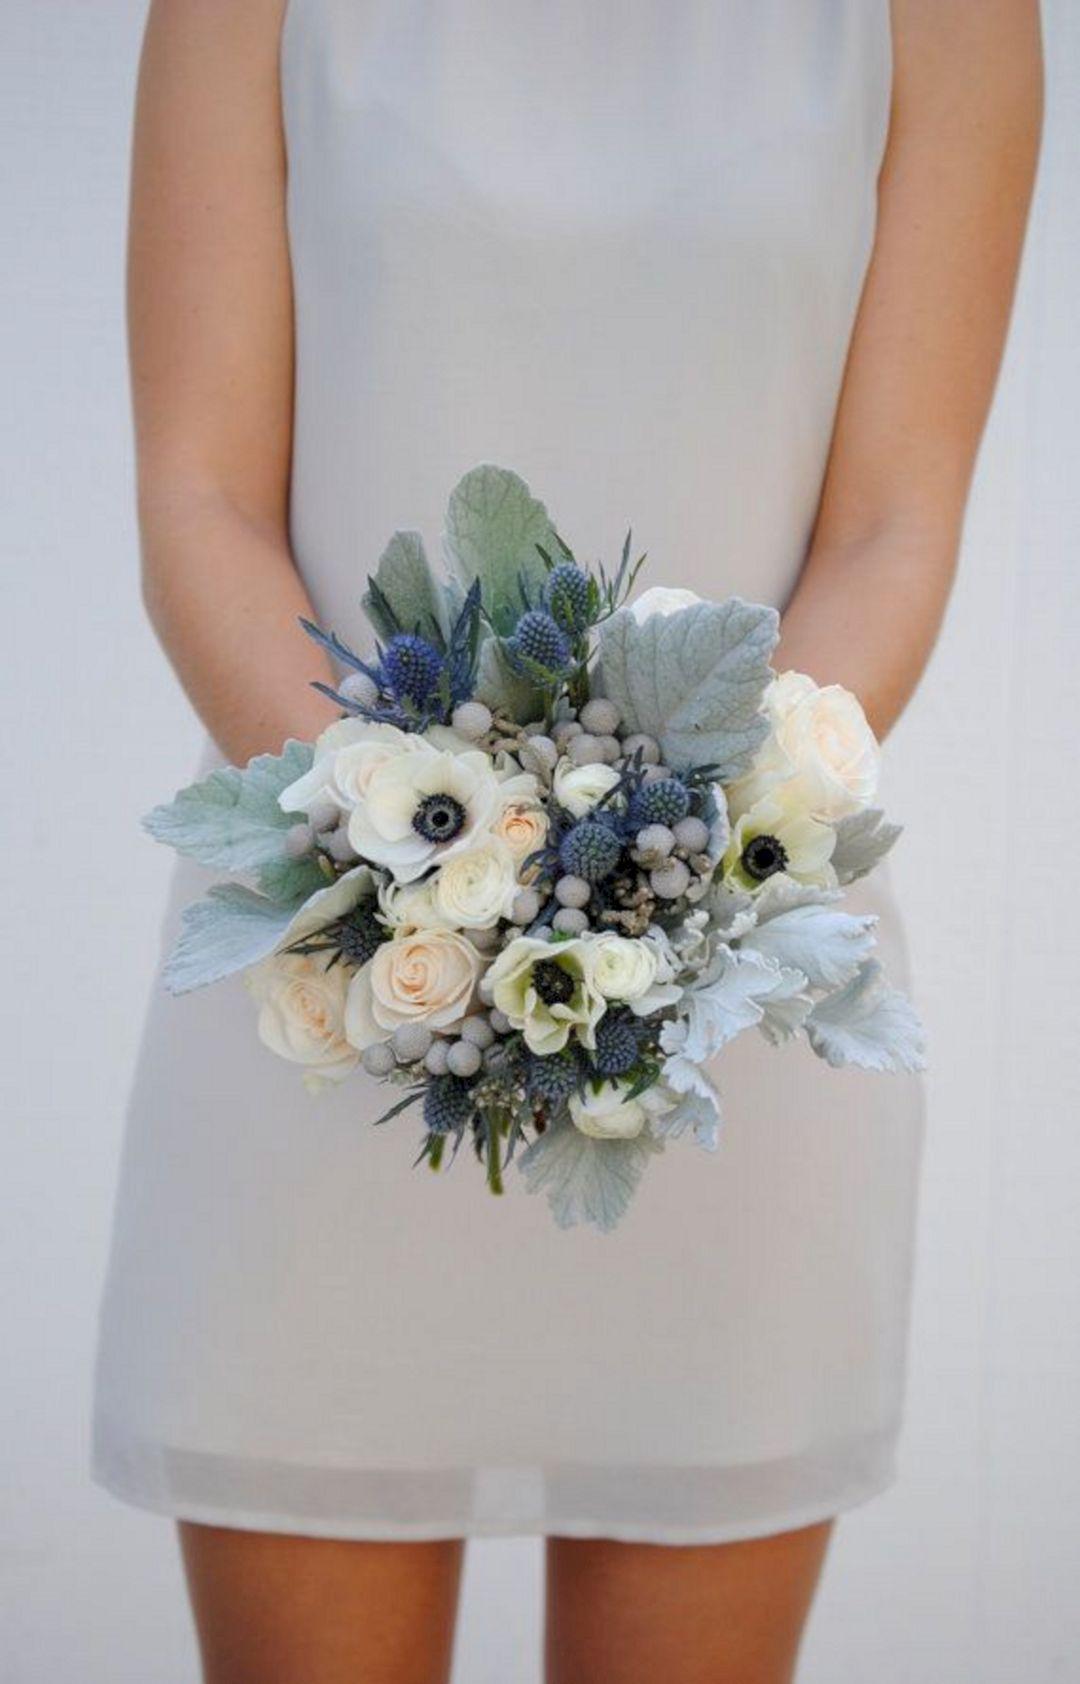 Dusty Blue Rustic Wedding Bouquet Ideas 12 White wedding